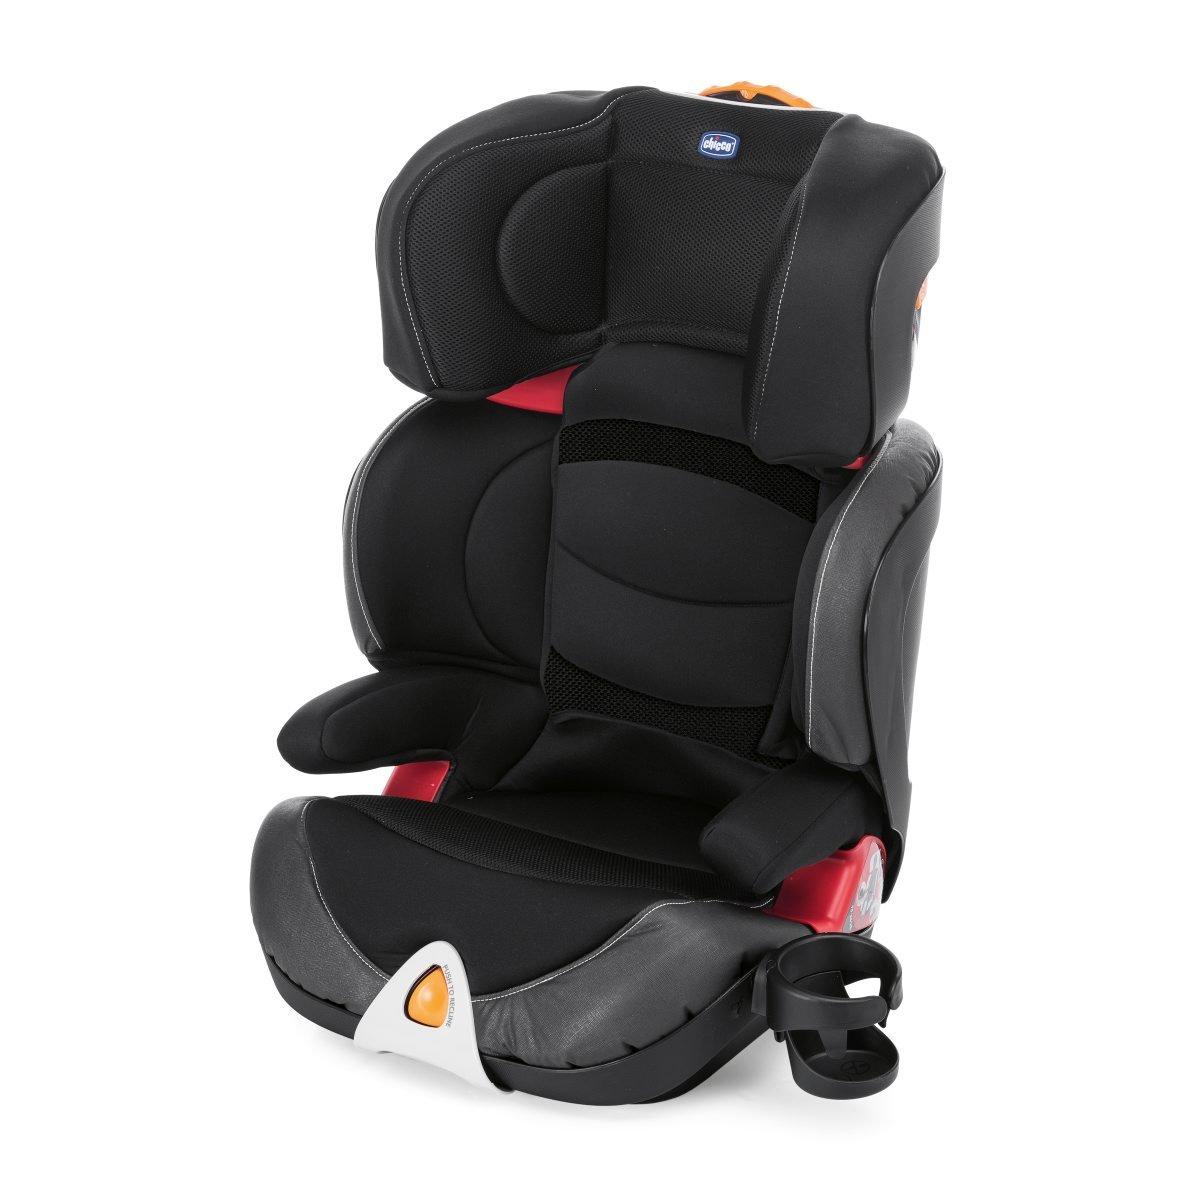 Chicco 08079158510000 Kinderautositz Oasys Evo Größe 2-3, schwarz Artsana Germany GmbH